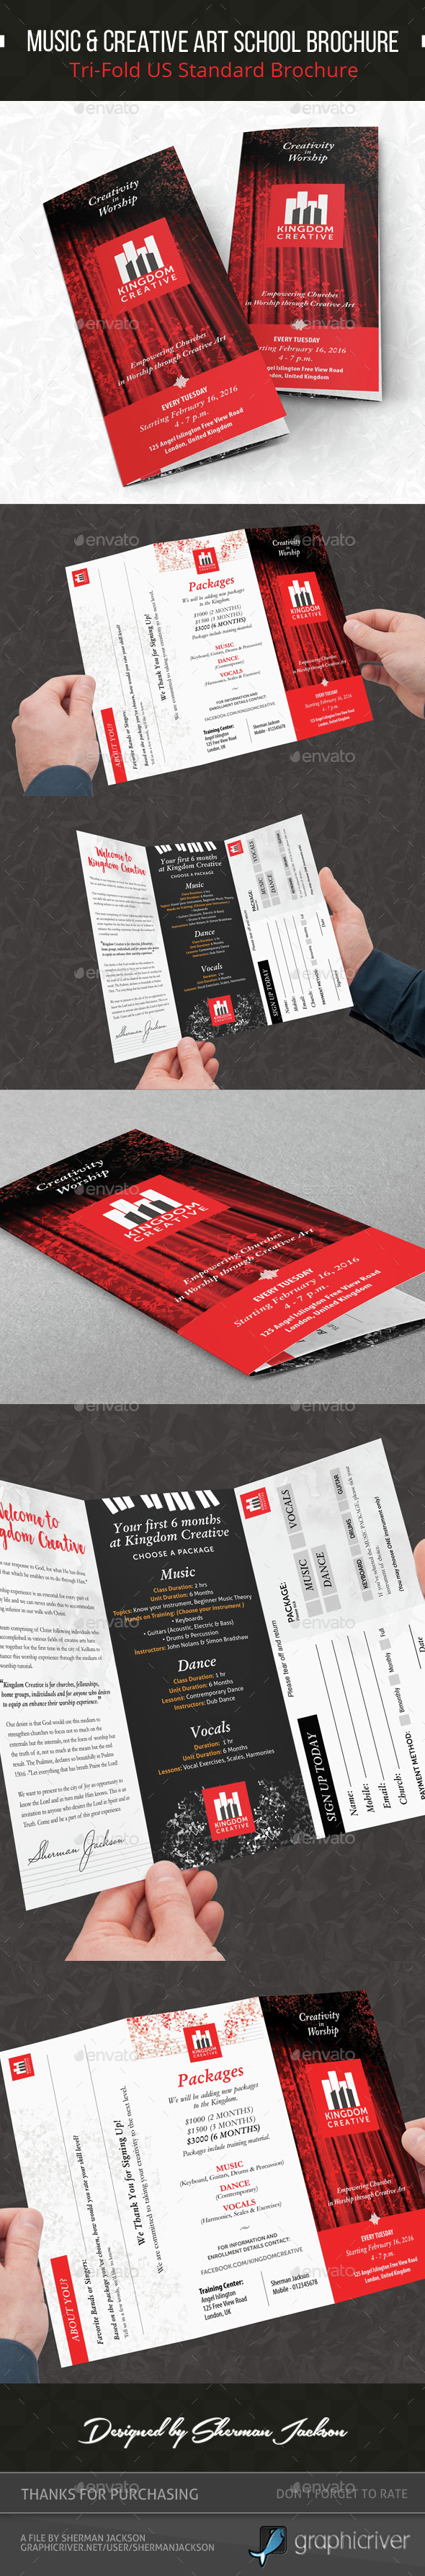 Music & Creative Art School Brochure - Informational Brochures